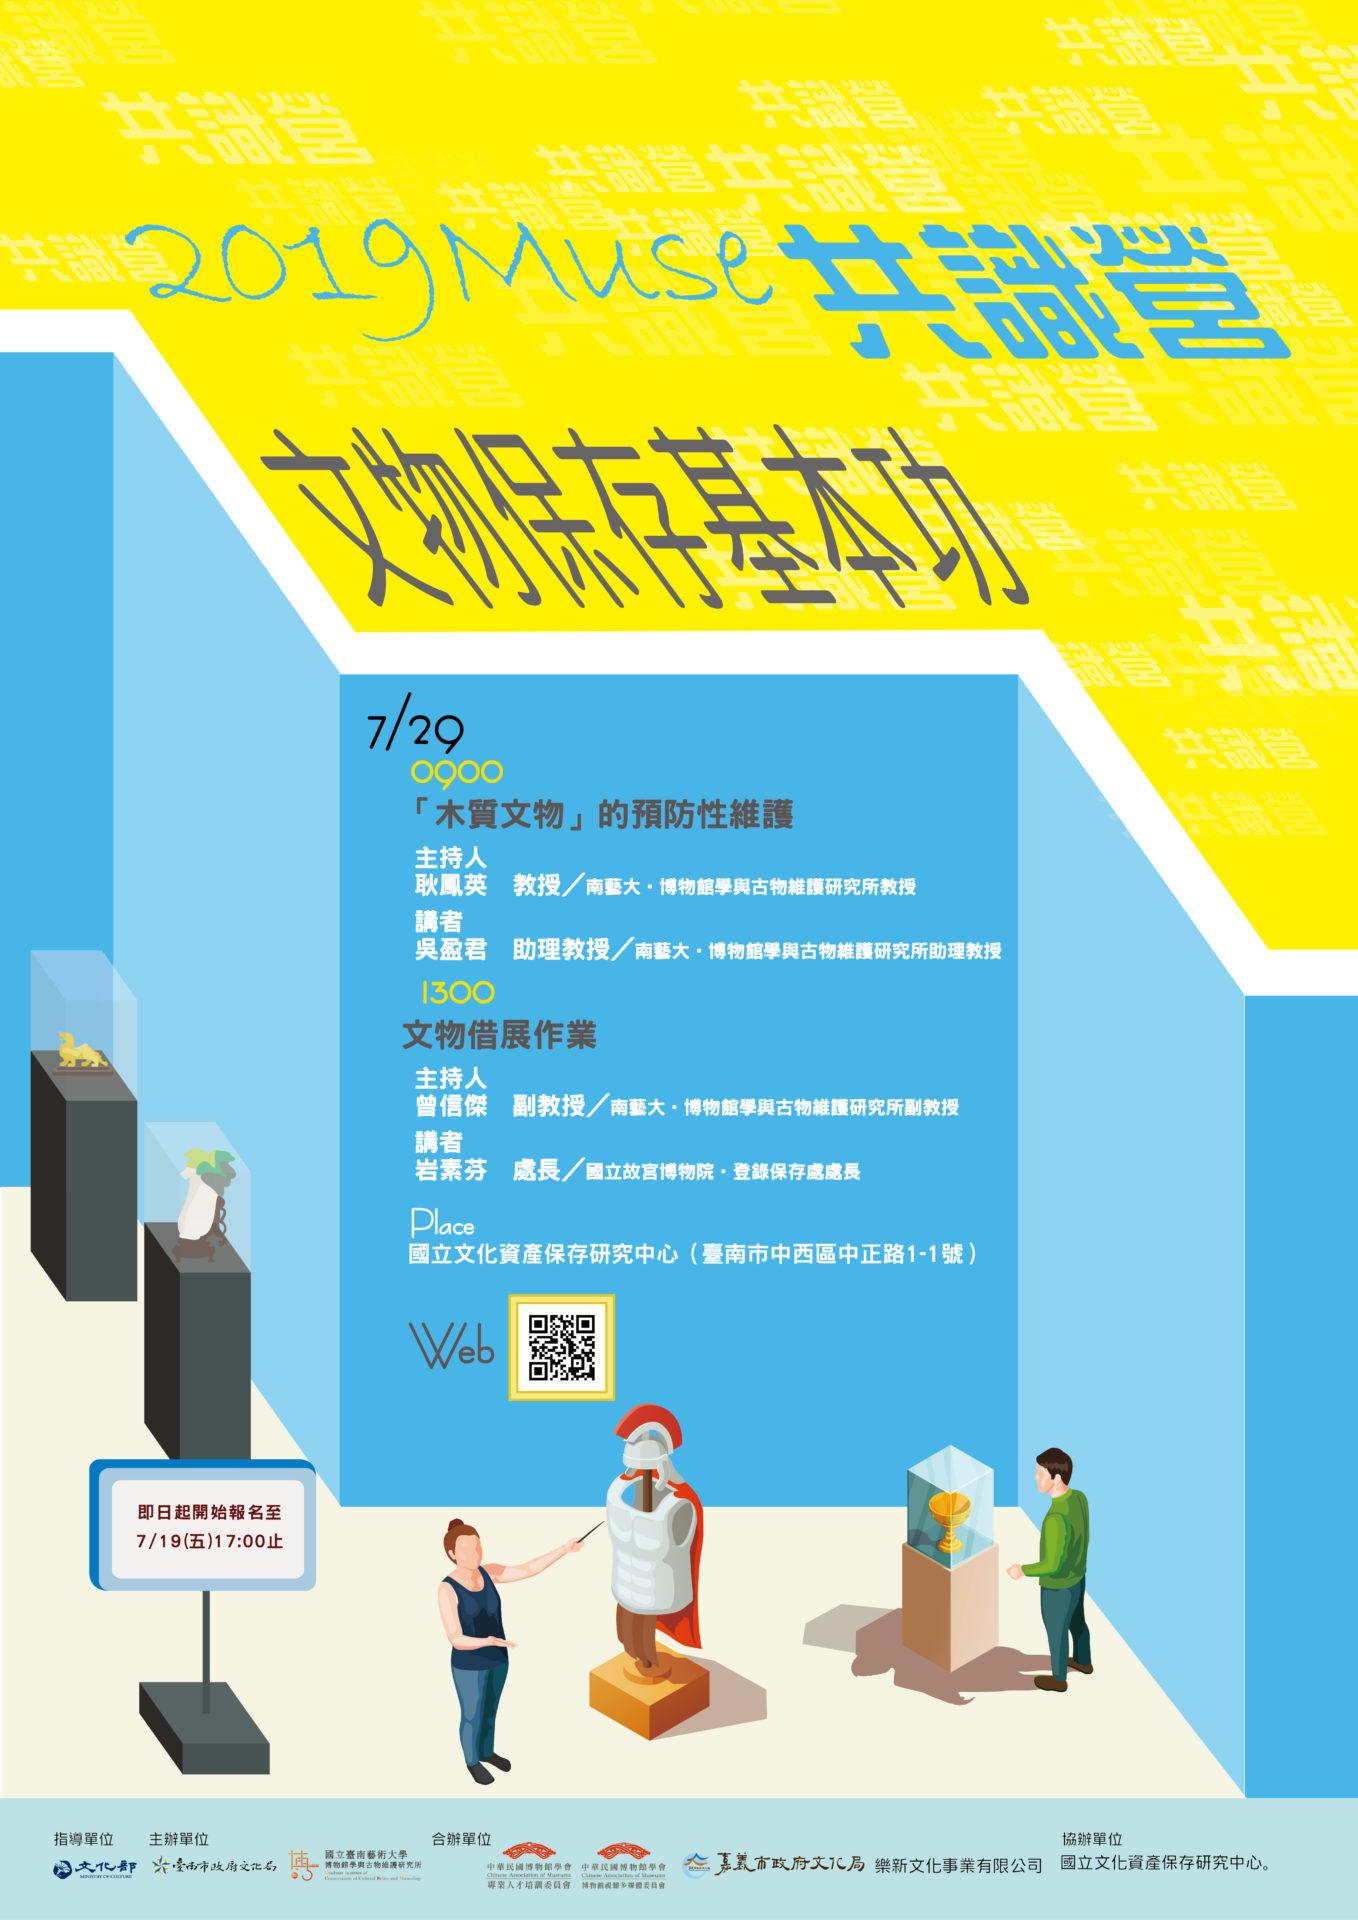 中華民國博物館學會:2019/07/29【2019 Muse共識營:文物保存基本功】